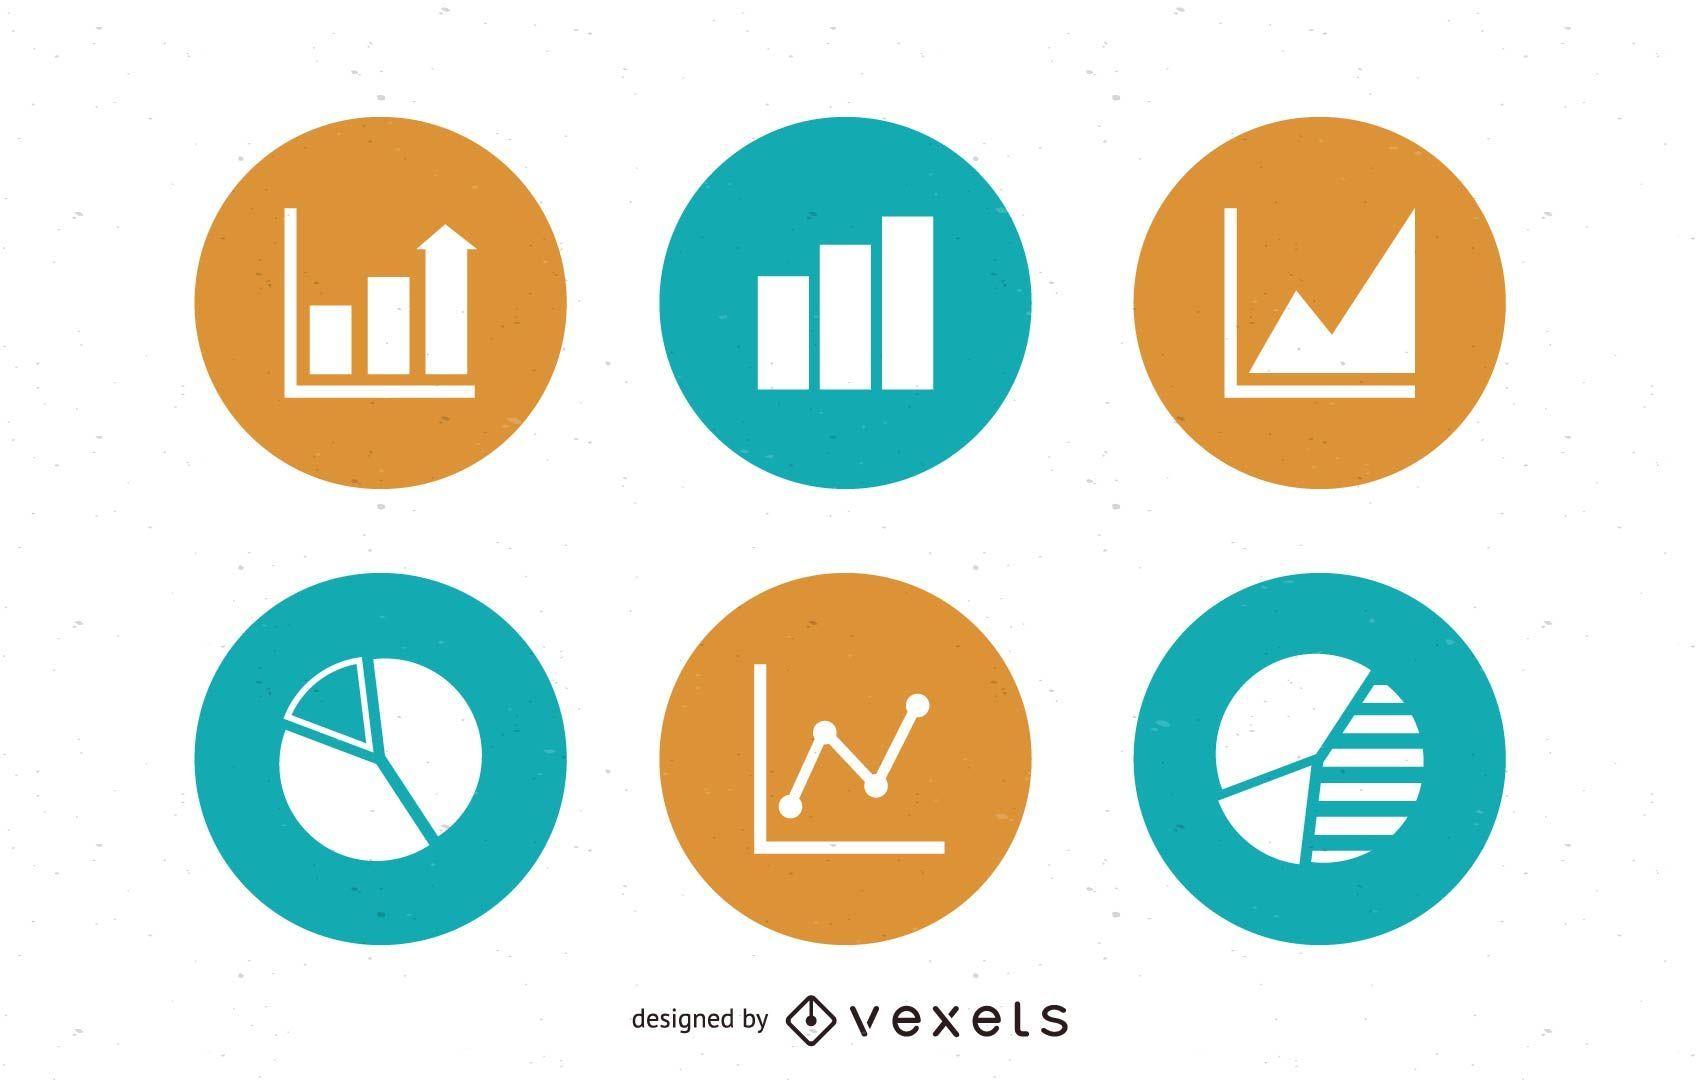 Paquete de iconos de gráficos y círculos de gráficos